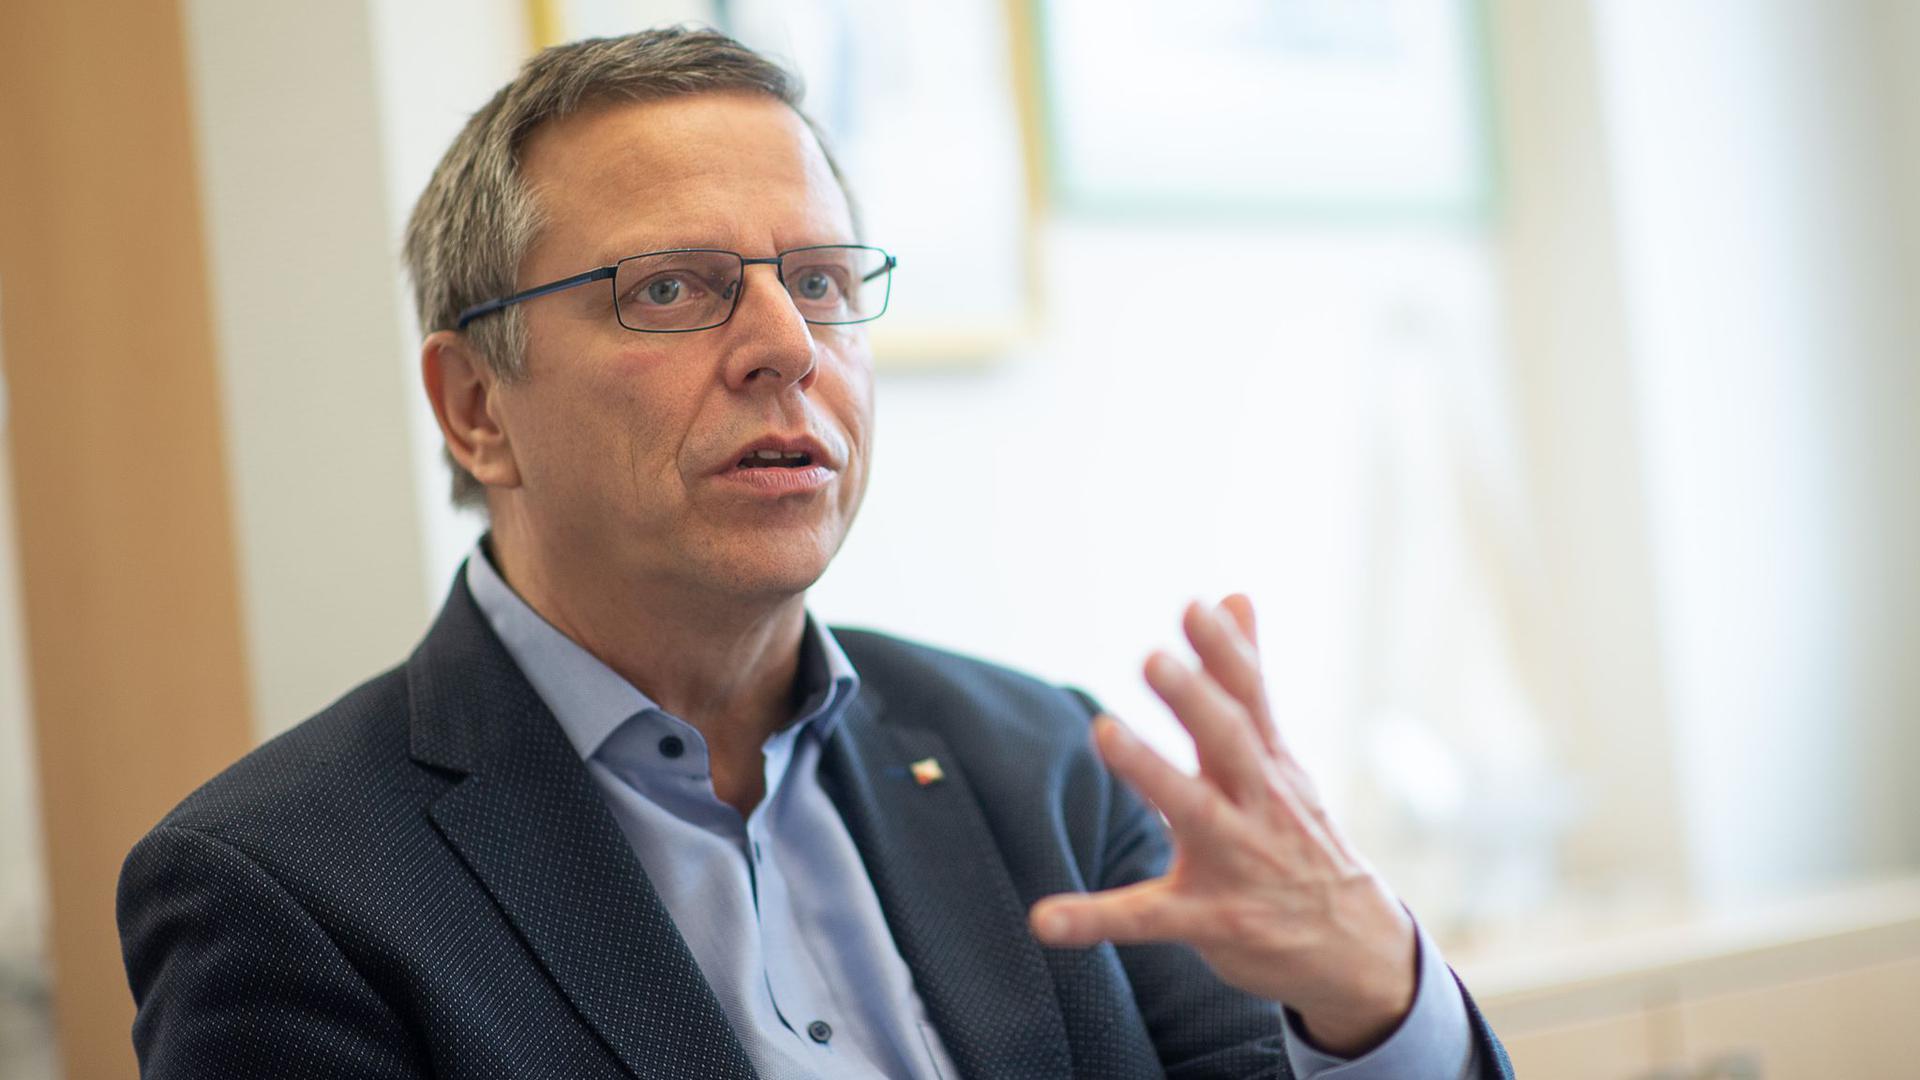 Martin Gross, Landesbezirksleiter der Gewerkschaft Verdi in Baden-Württemberg, spricht.